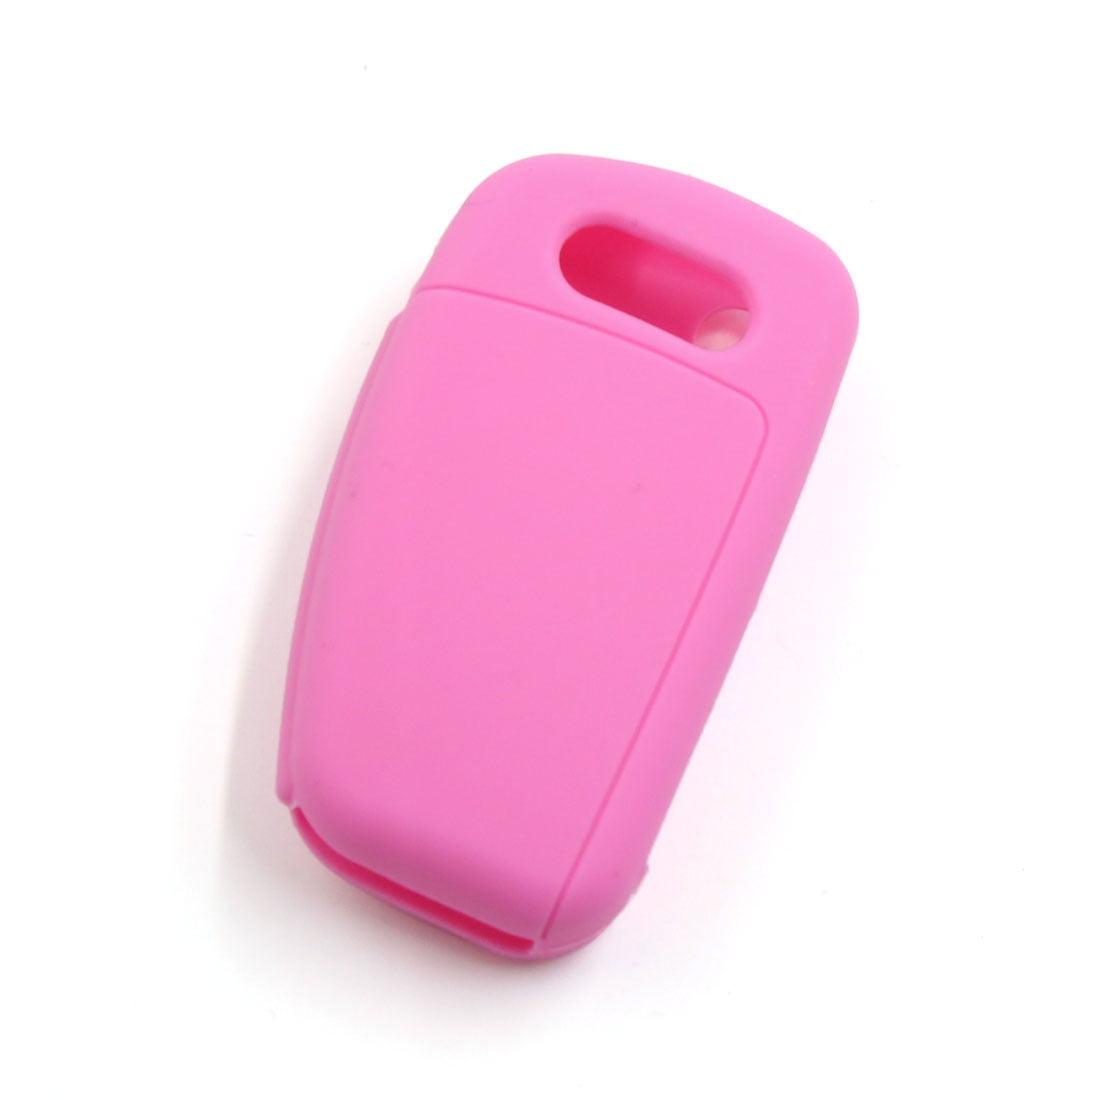 Pink Silicone Car Remote Flip Key Fob Cover Case for  A1 A3 A4L A6L Q7 Q5 Q3 - image 2 de 3